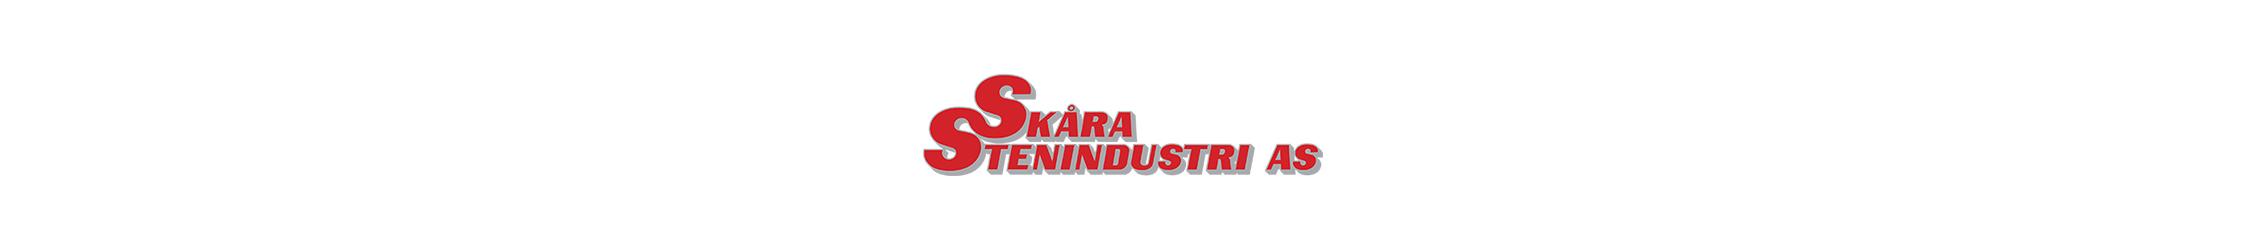 Skaara-stenindustri-logo-kopi